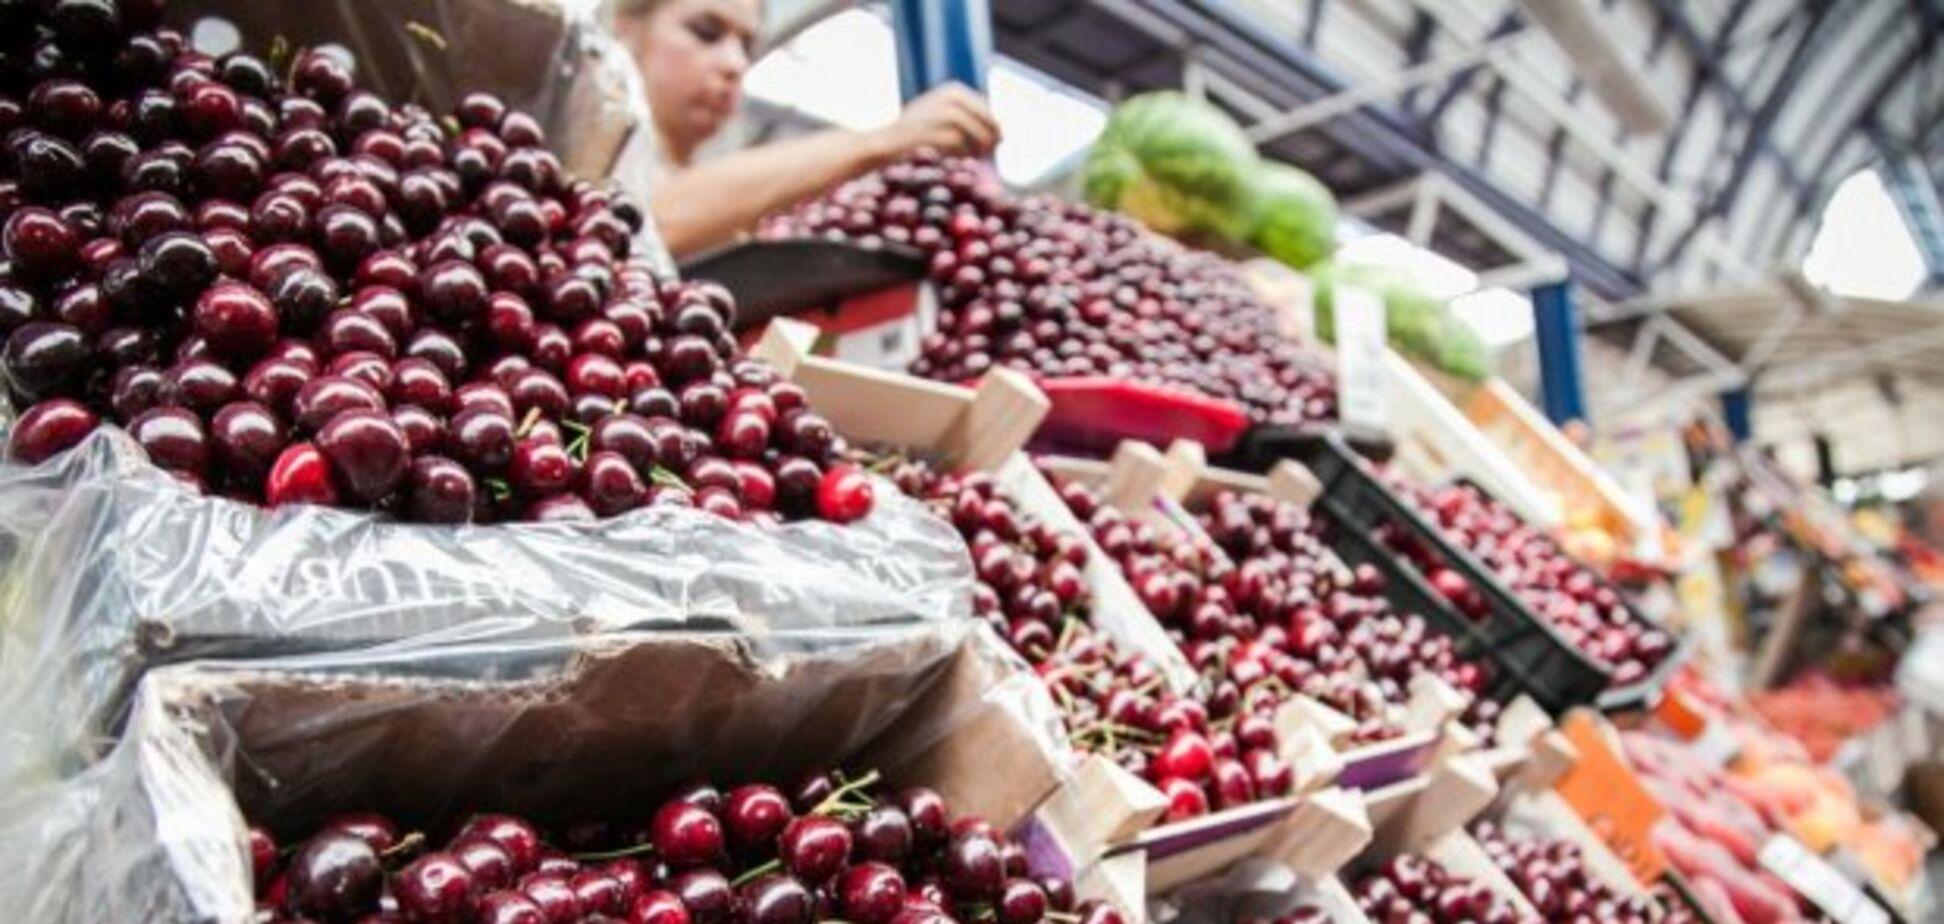 В Украине рекордно низкий урожай черешни: импортные ягоды стоят дешевле